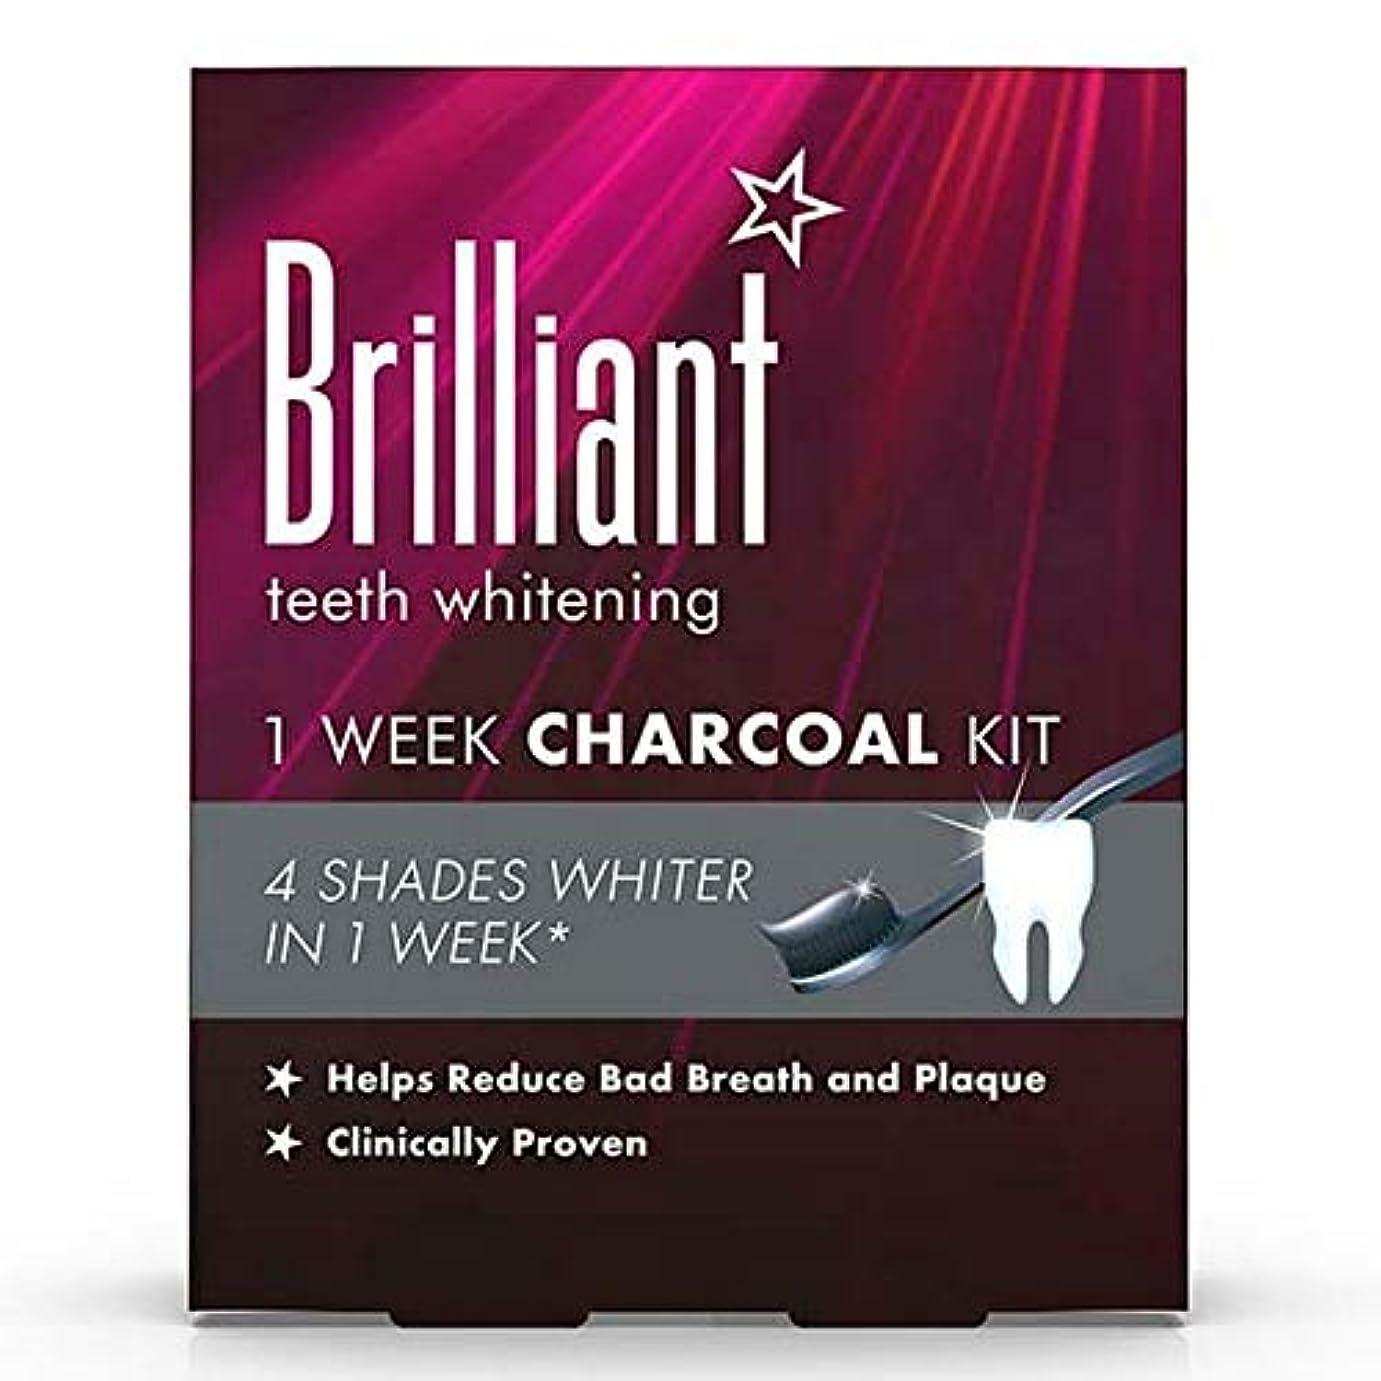 完全に大工乳白[Brilliant ] 華麗なホワイトニング1週間木炭キット - Brilliant Whitening 1 Week Charcoal Kit [並行輸入品]